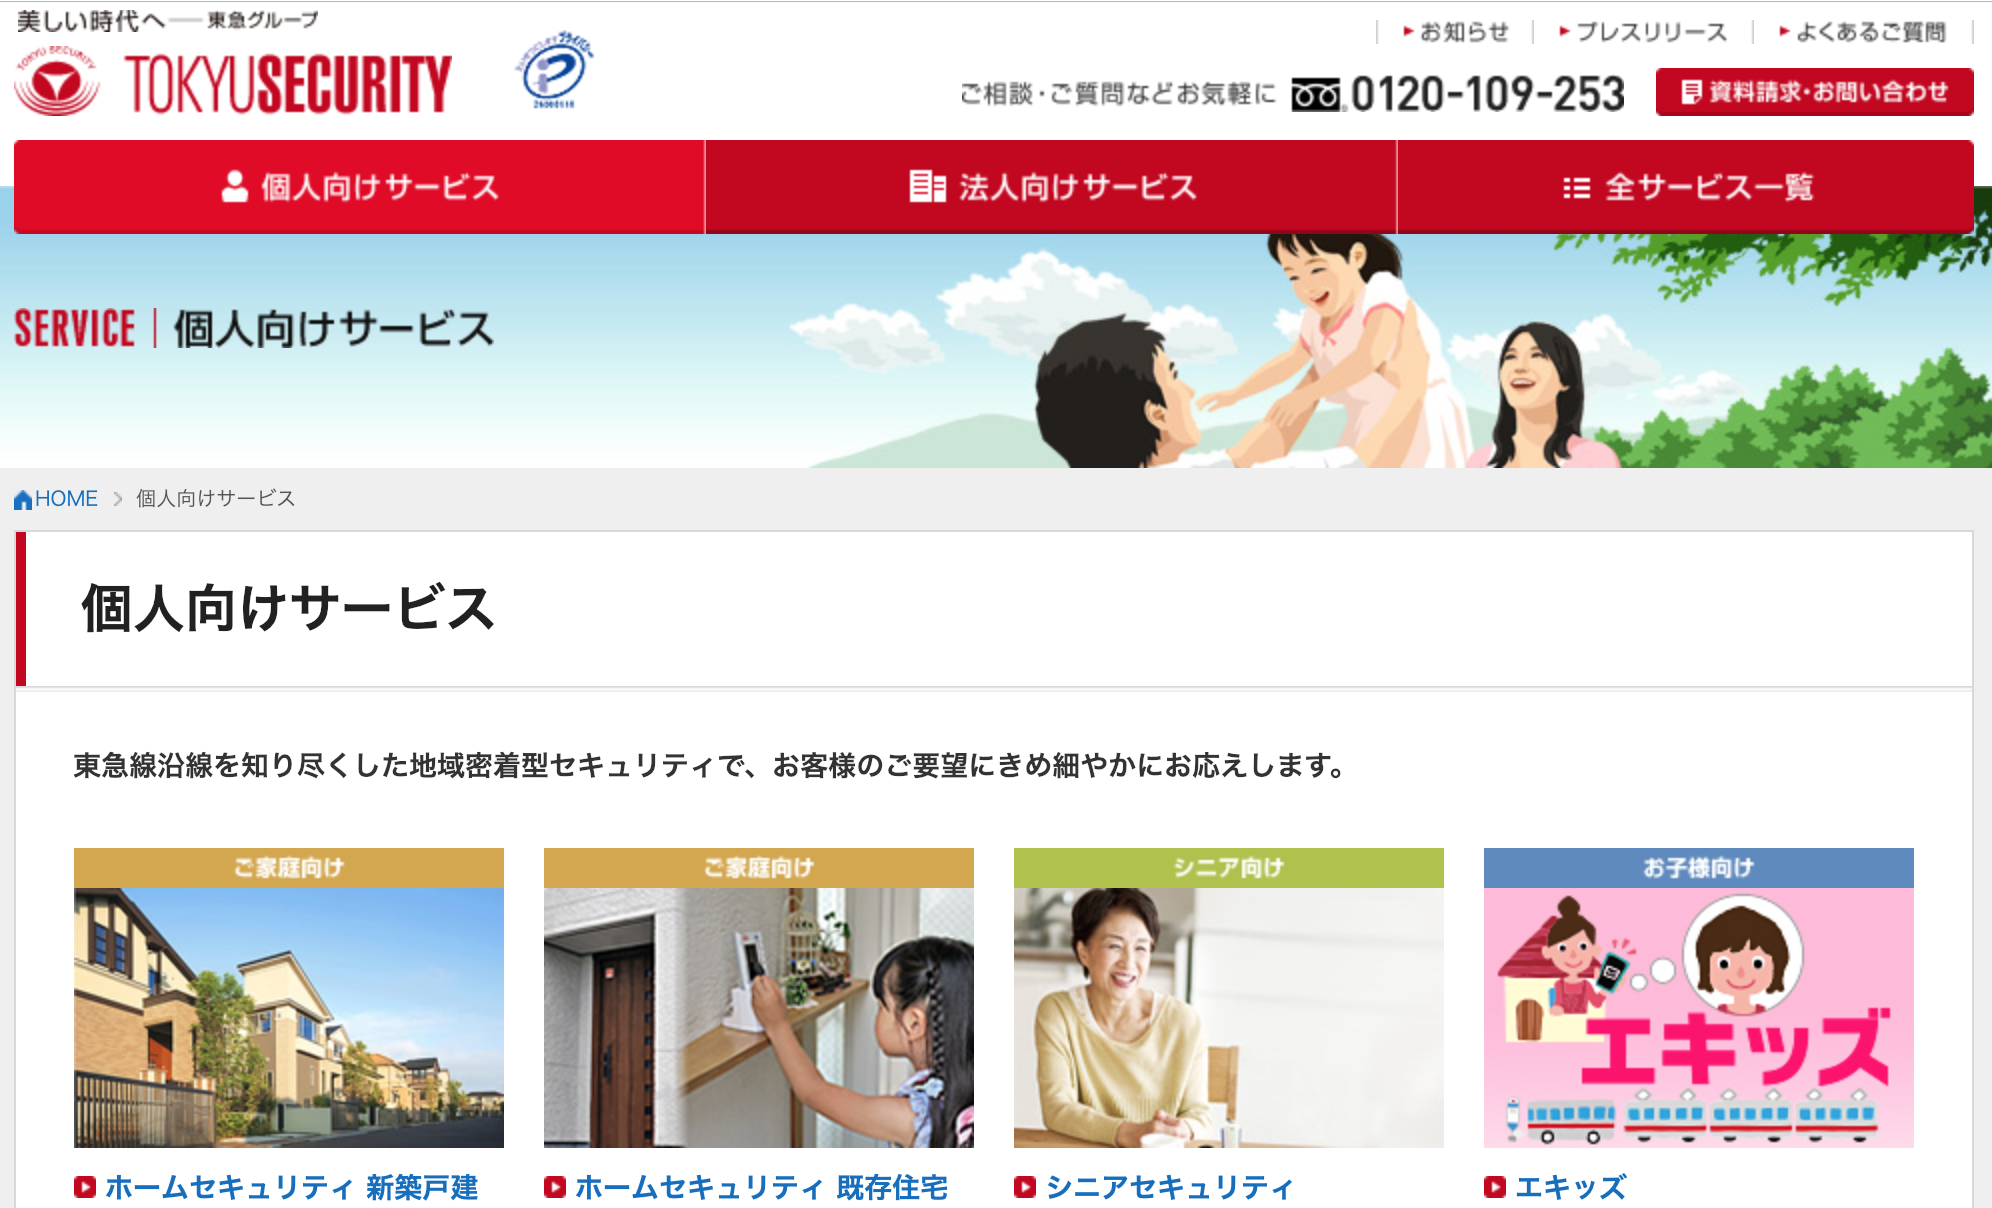 東急セキュリティの公式サイト